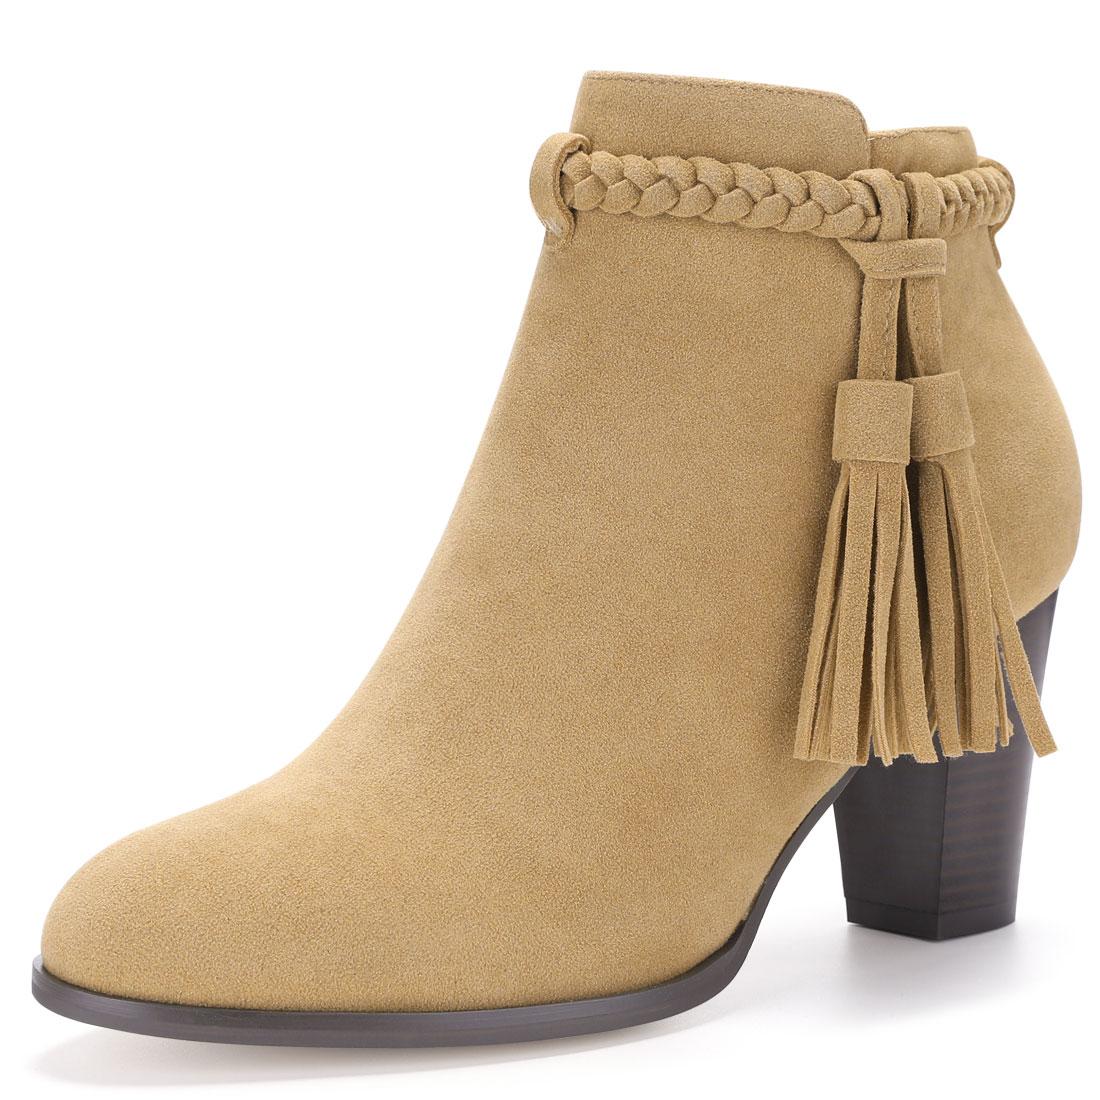 Women Round Toe Braided Tassel Strap Block Heel Booties Brown US 9